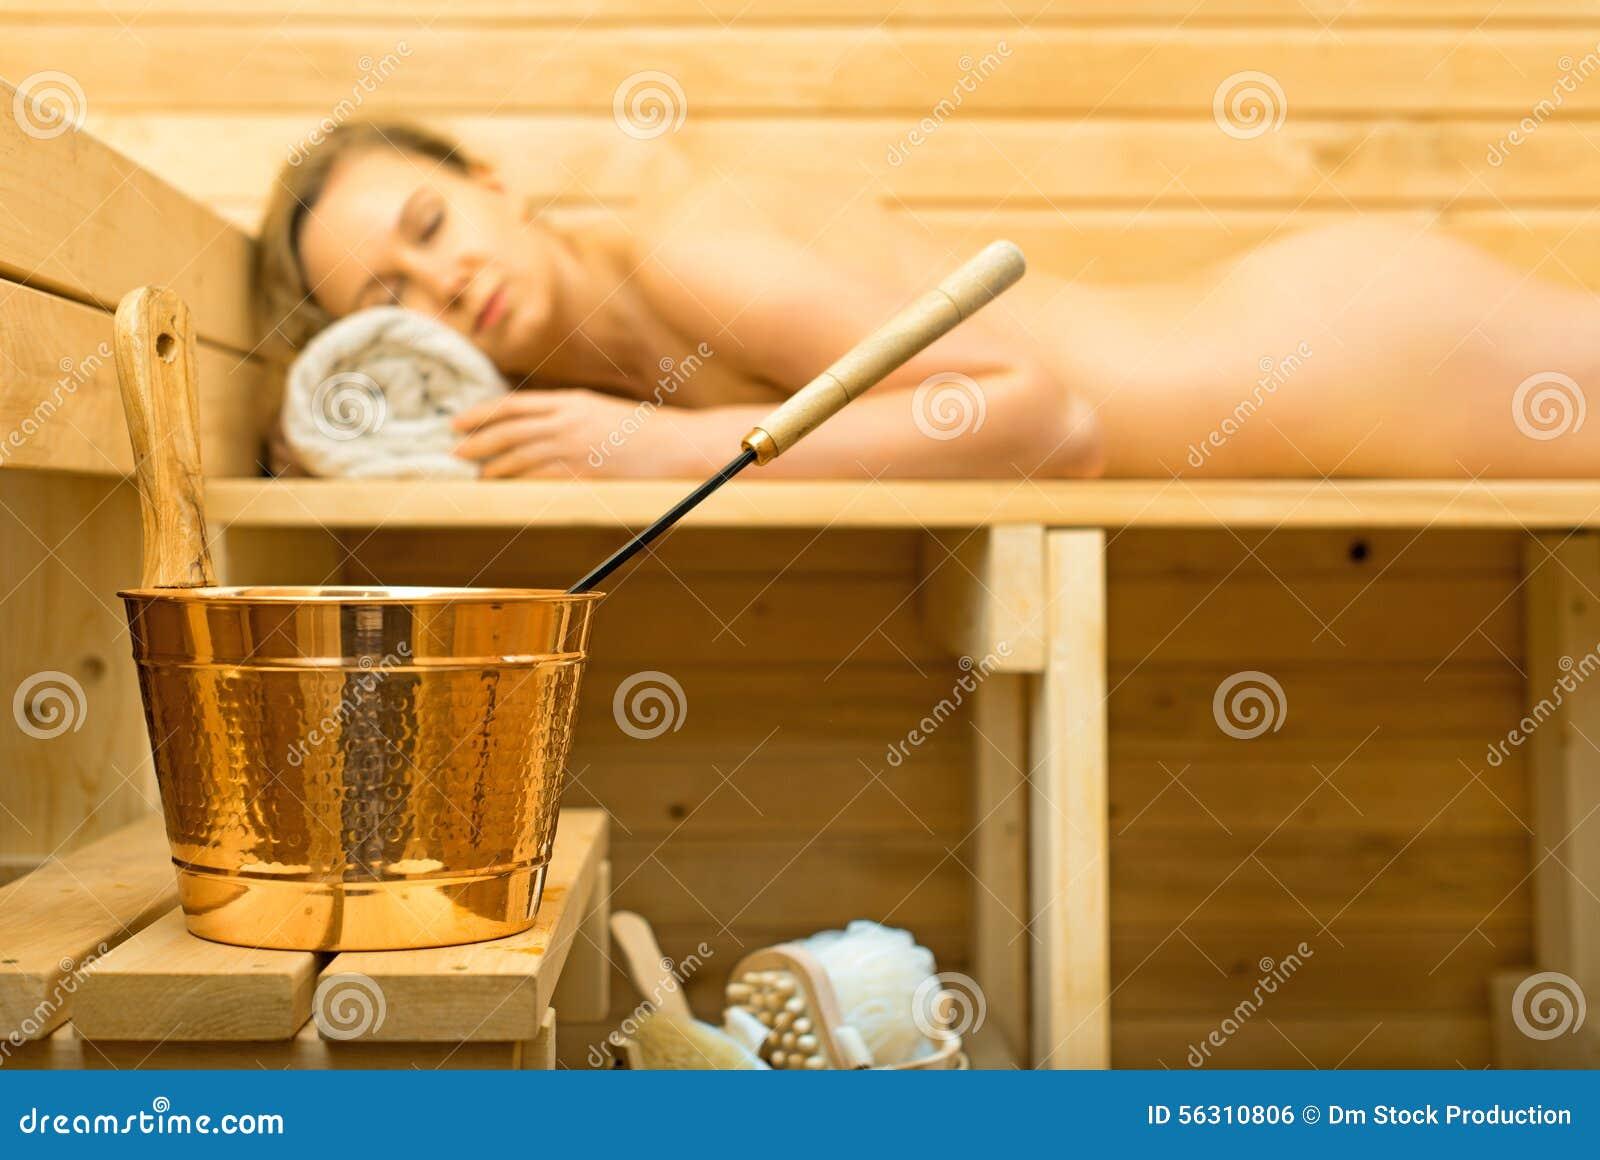 Accesorios del balneario en sauna